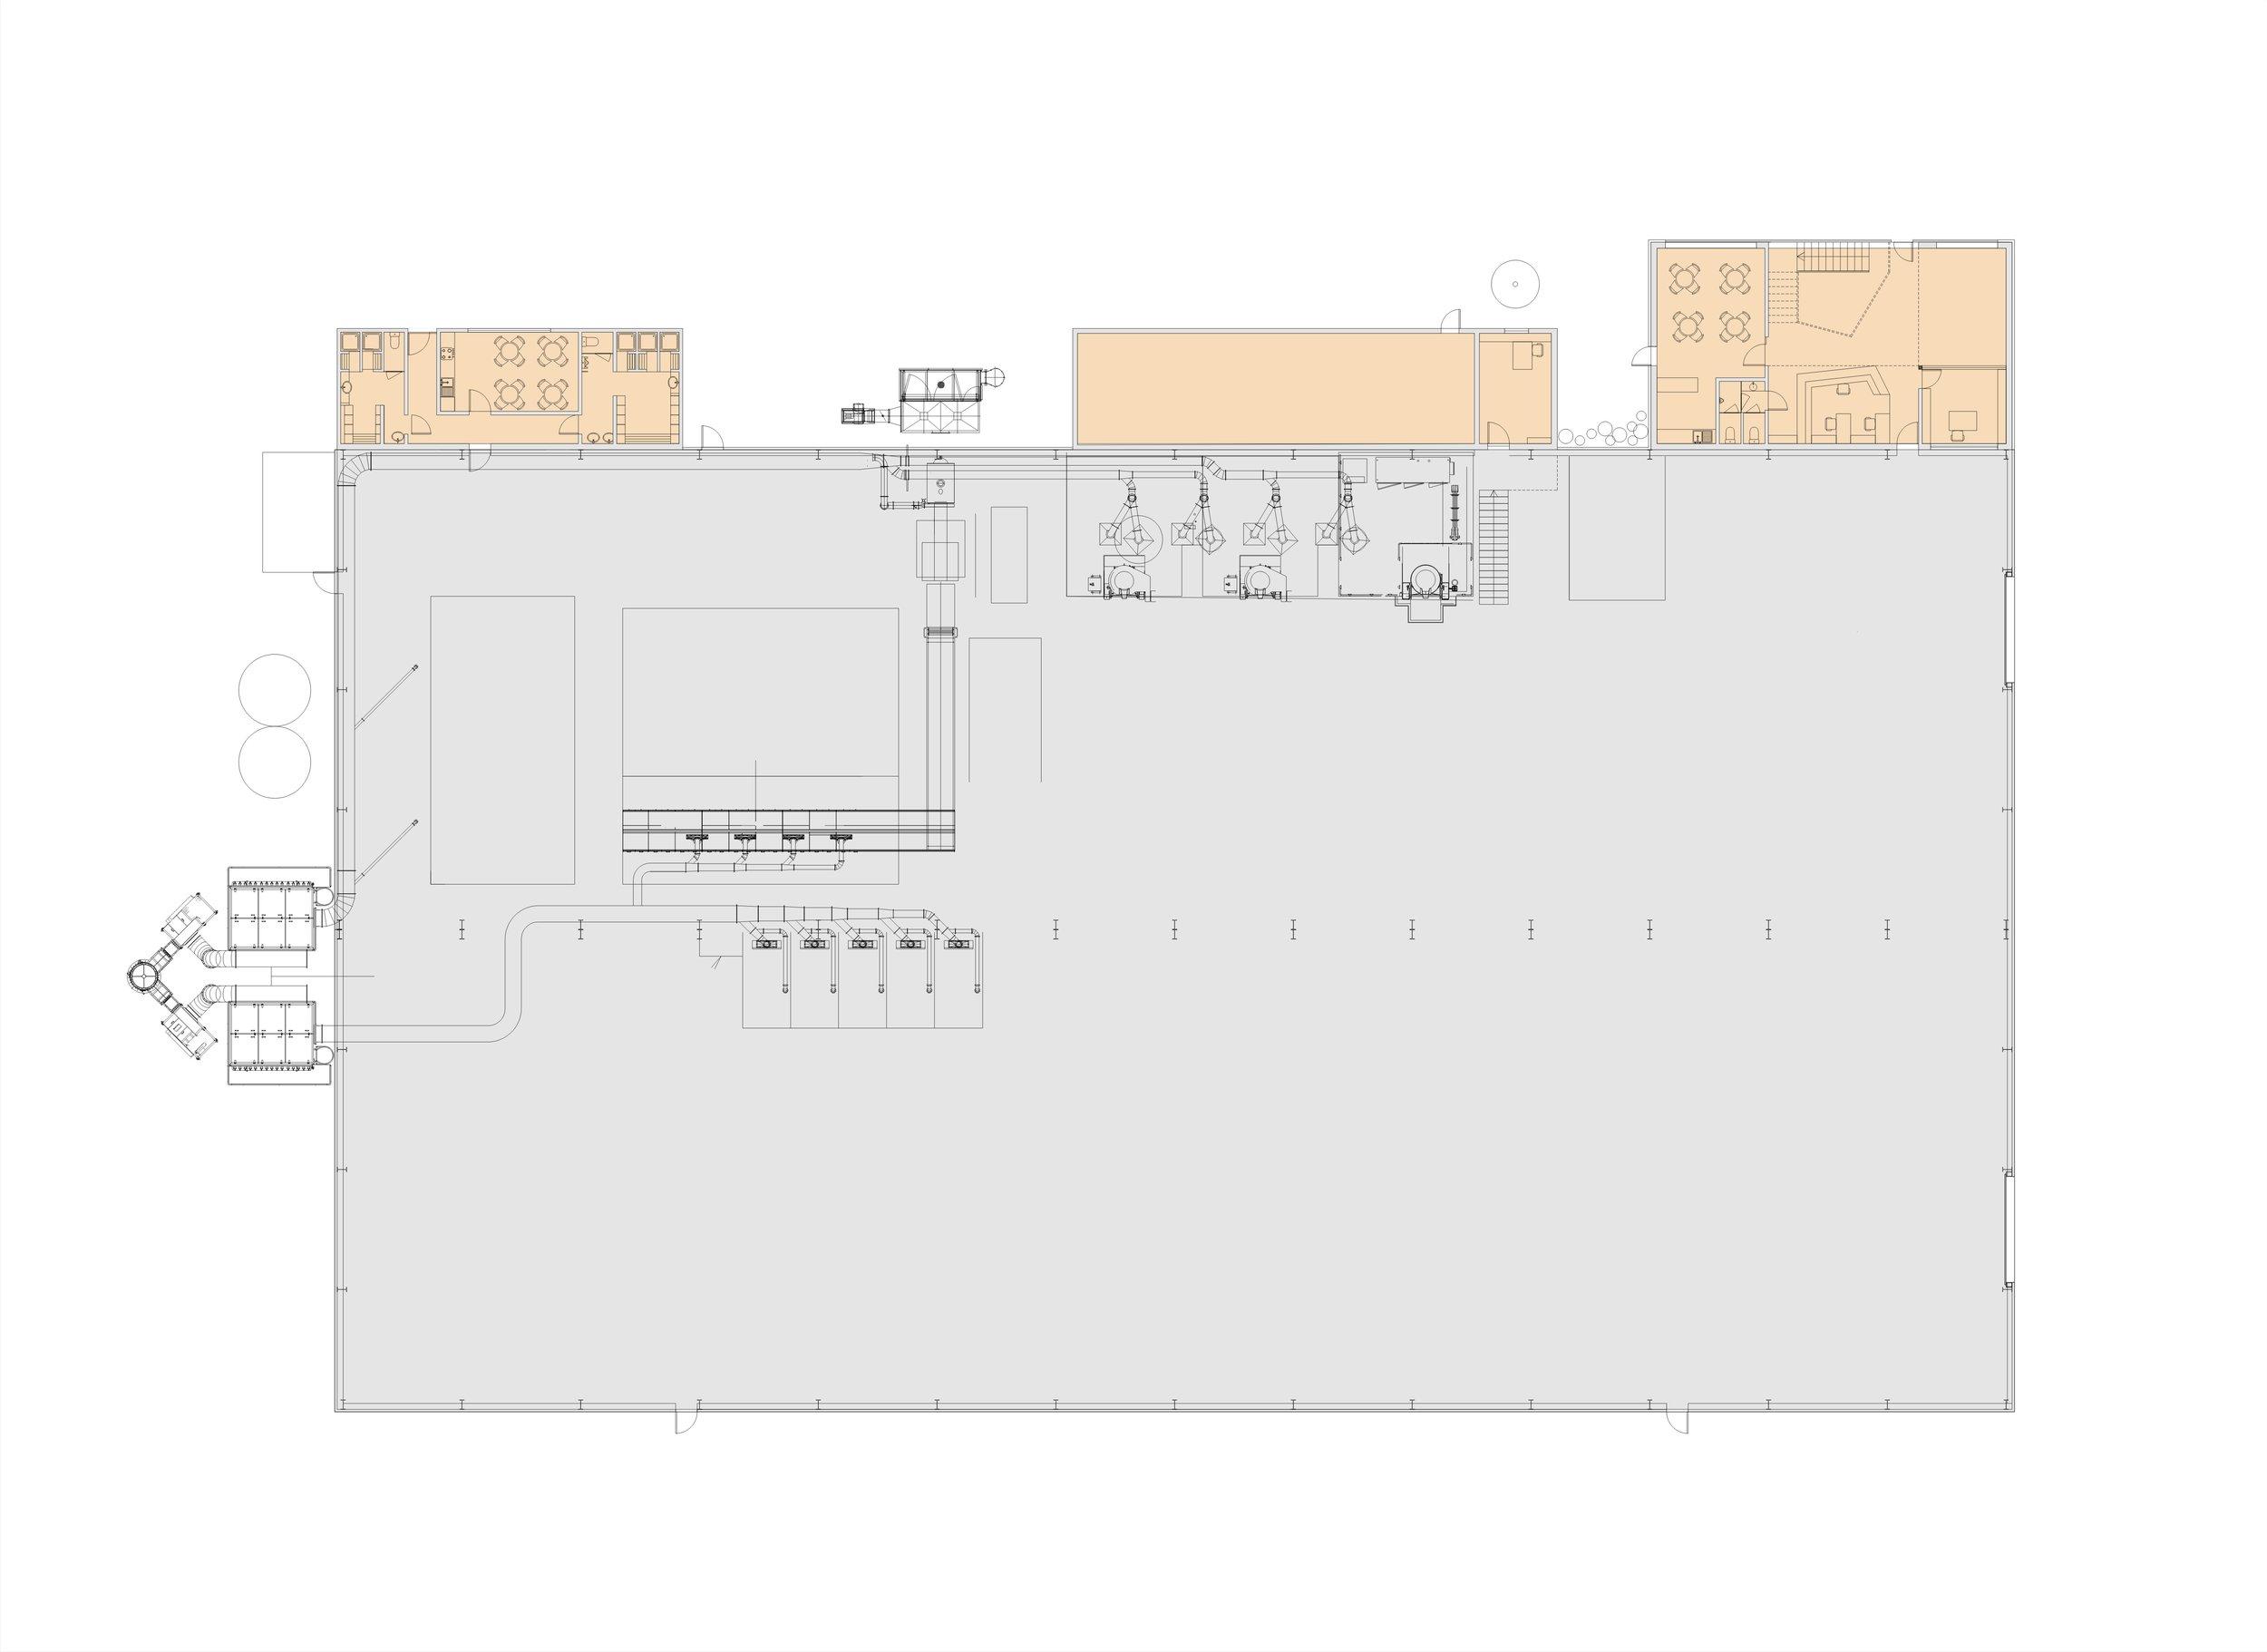 Paulo Miguez Arquitectos - Unidade Industrial - Rio Maior - CAST 6.jpg